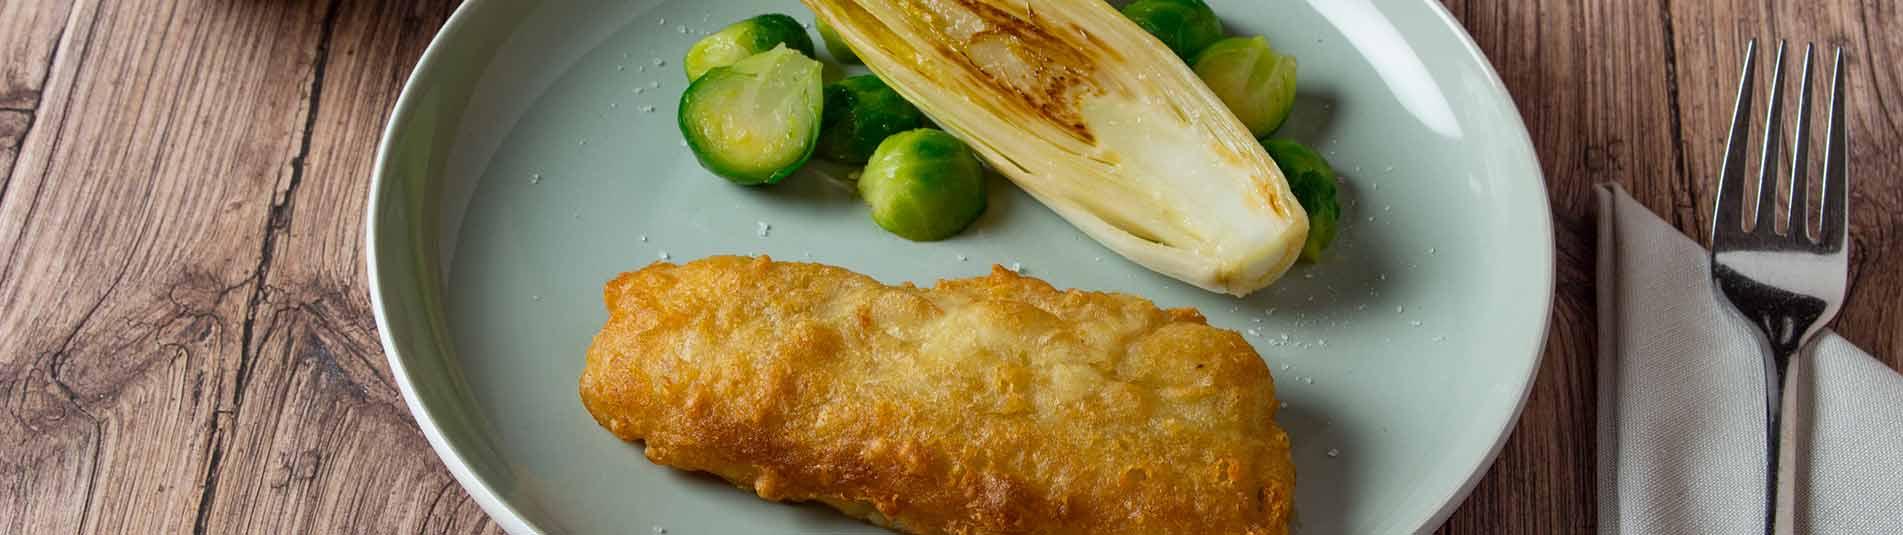 Iglo Ofenbackfisch mit Iglo Kohlsprossen und Chicoree